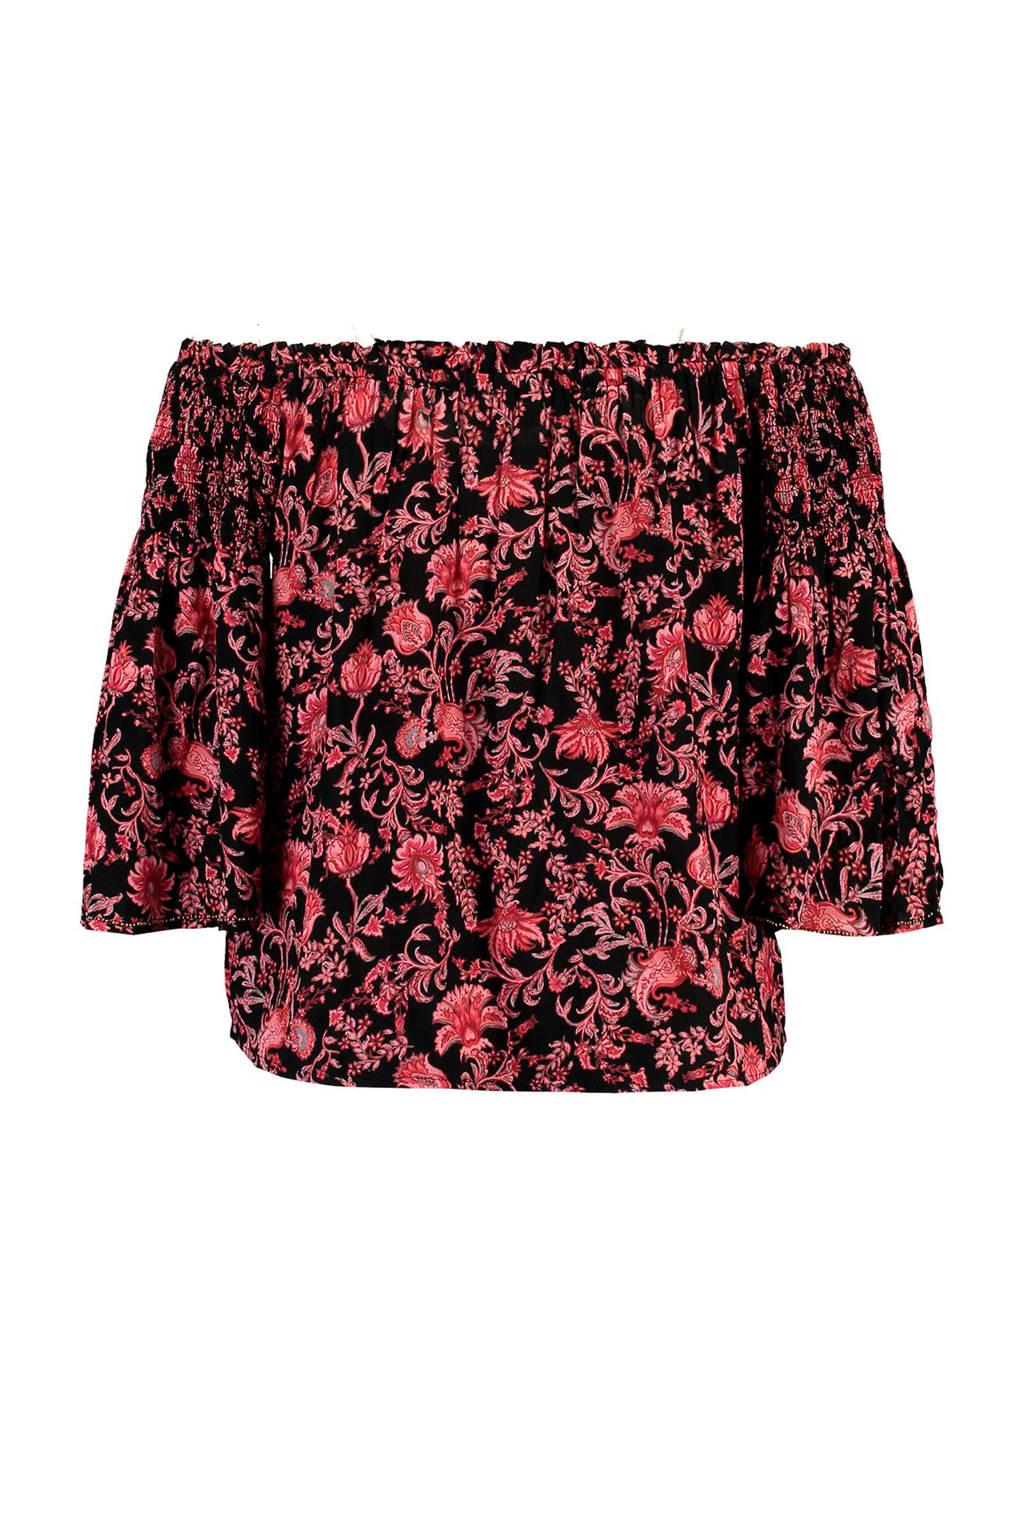 MS Mode gebloemde off shoulder top zwart/roze, Zwart/roze